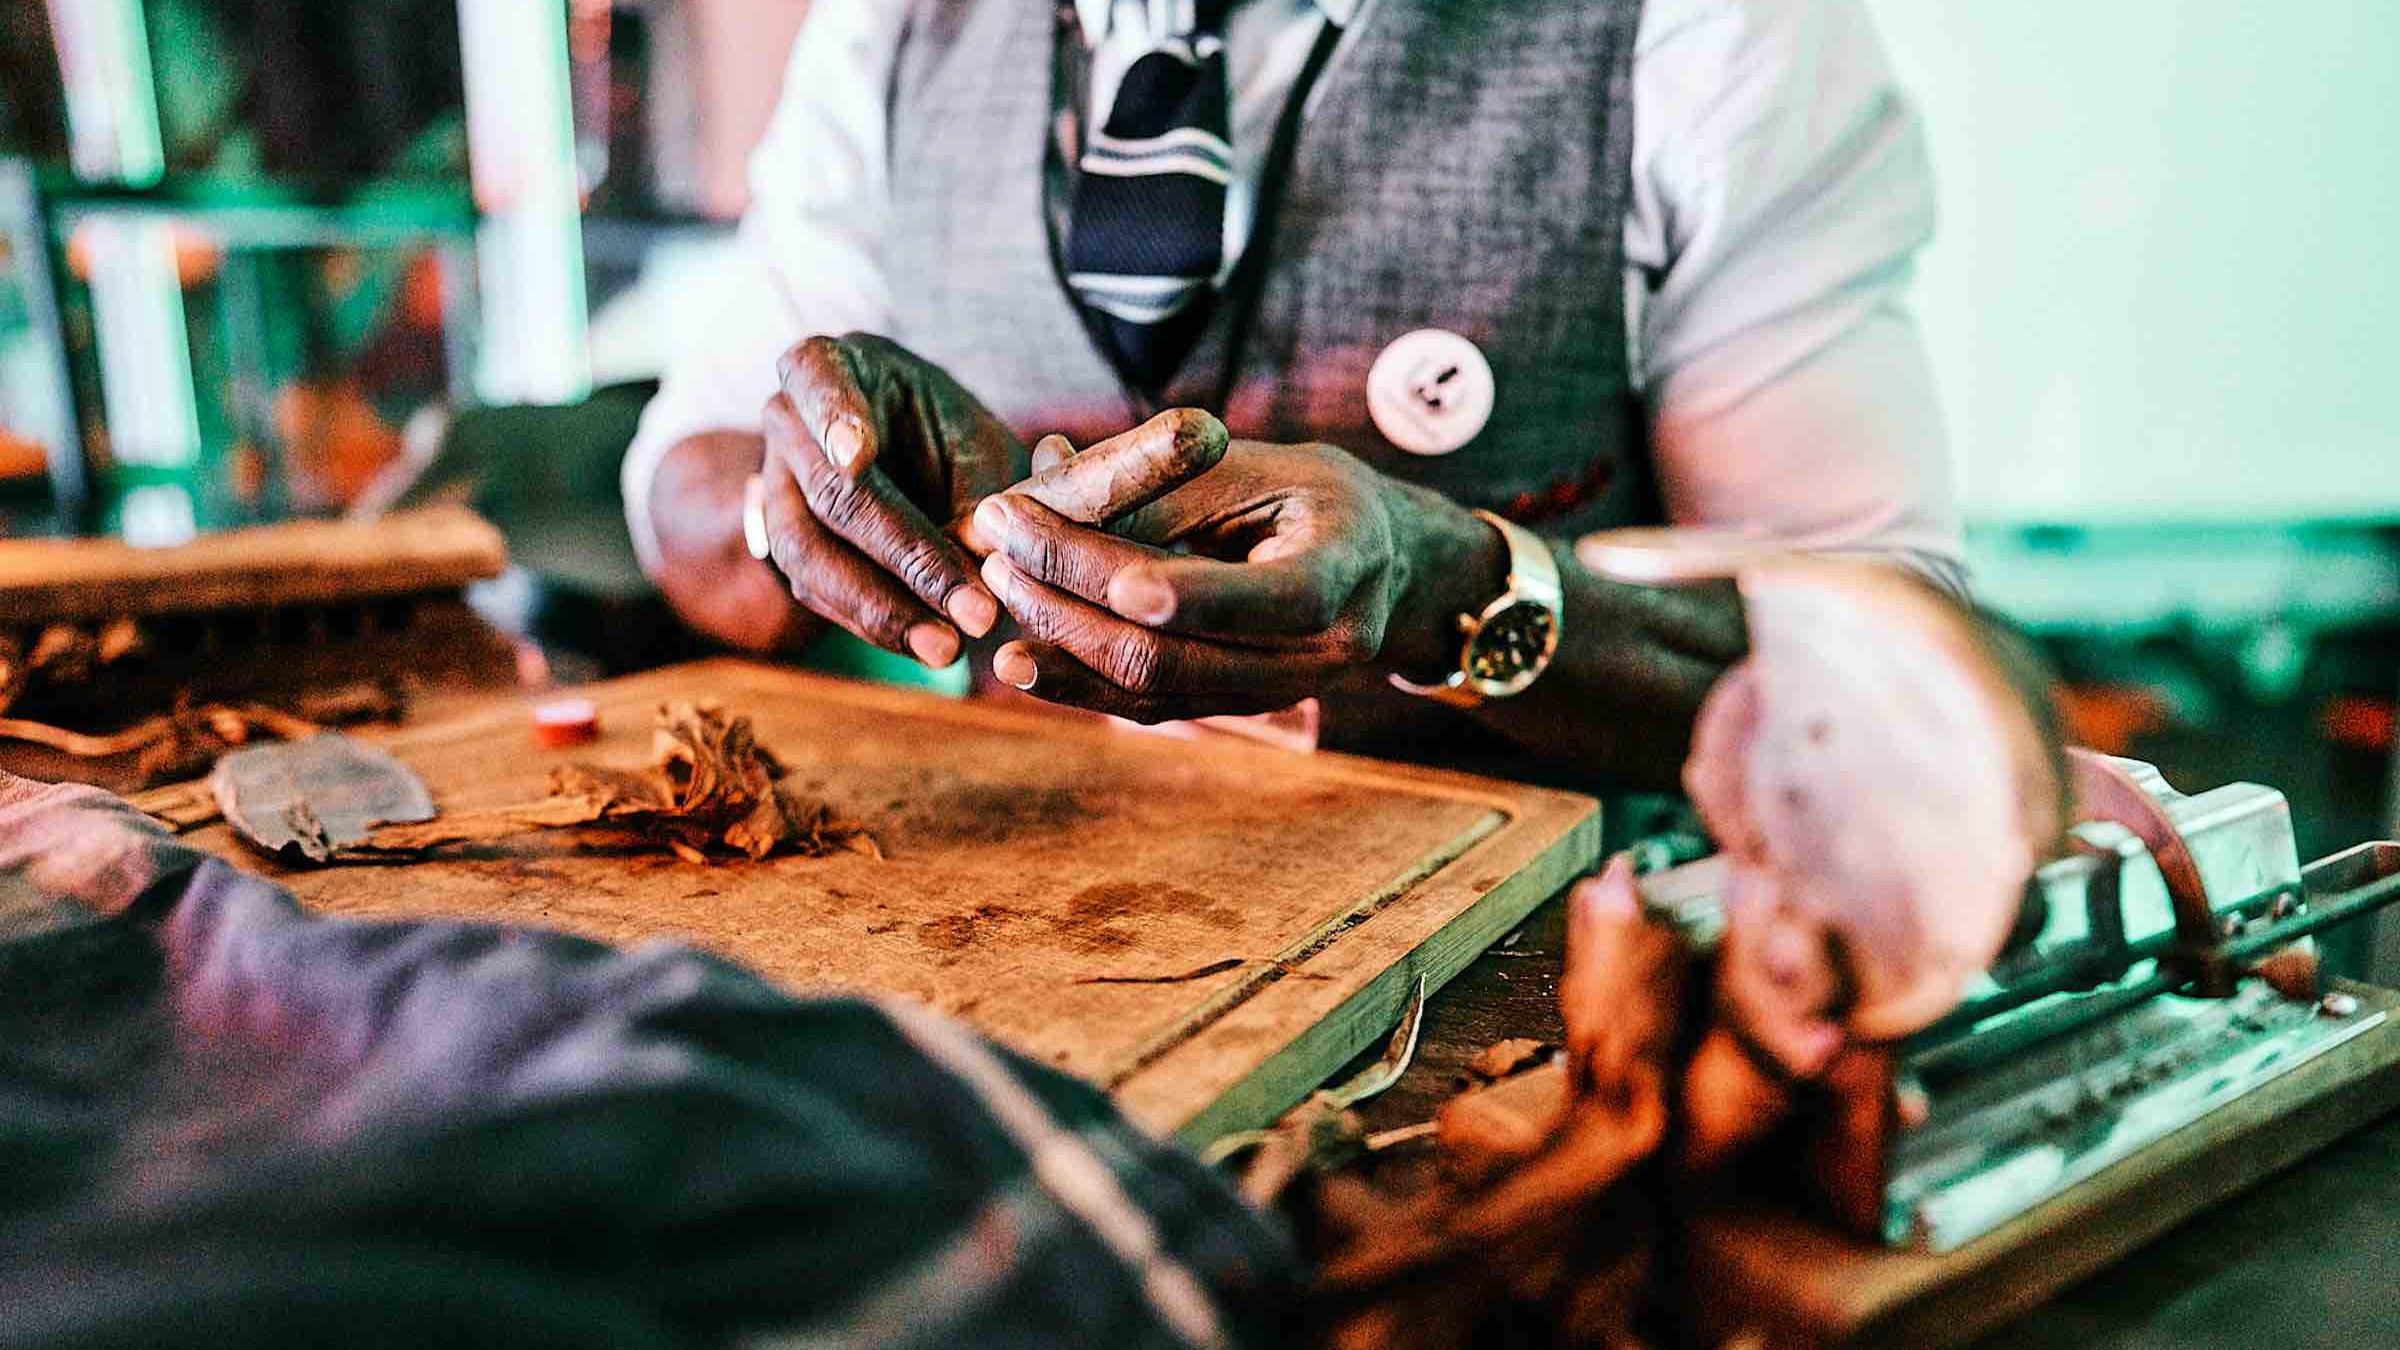 Barformat | Partner | Zigarrenroller | Zigarrendreher | Buchen | Mieten | Anfragen